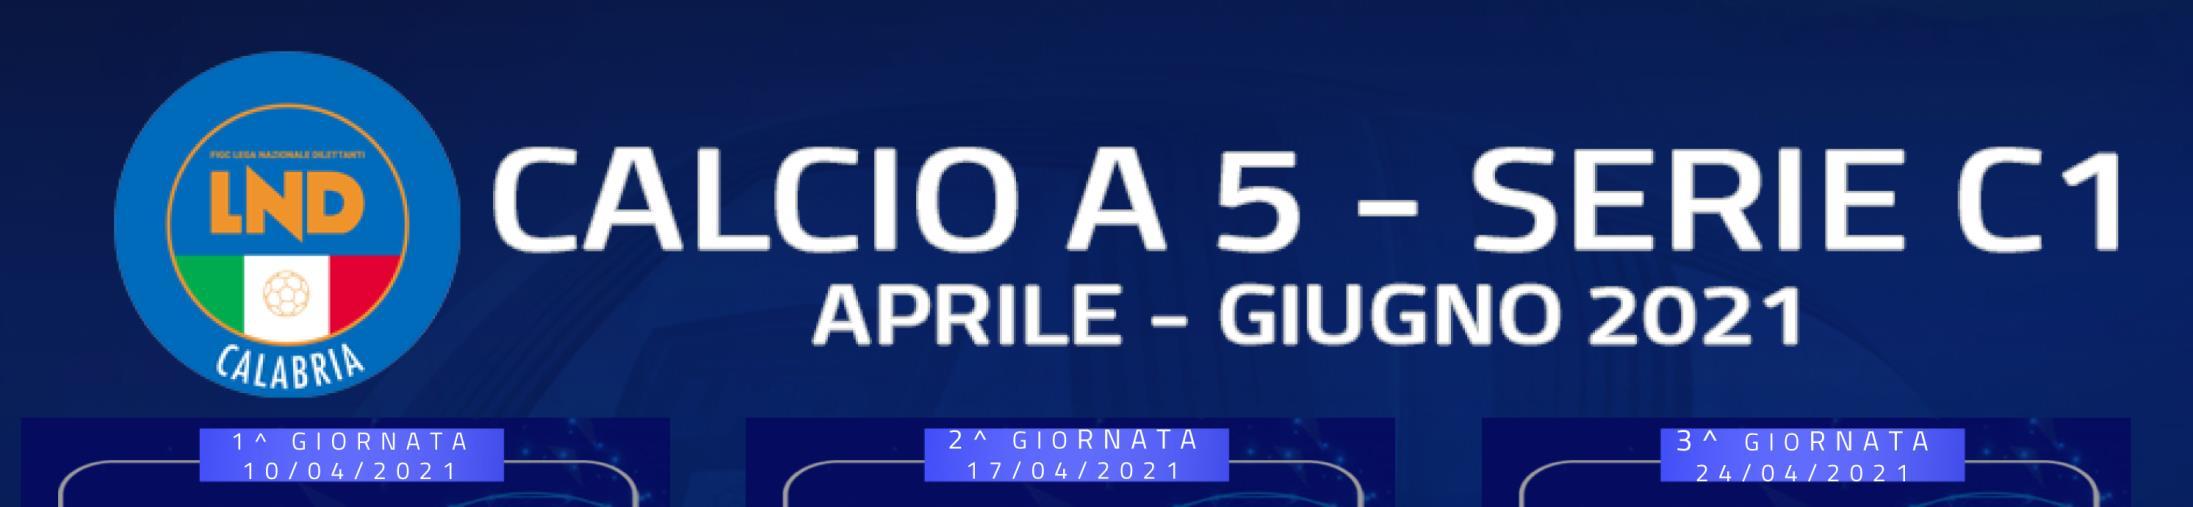 images Calcio A 5 Serie C. Gare, arbitri, classifica e marcatori della quarta giornata